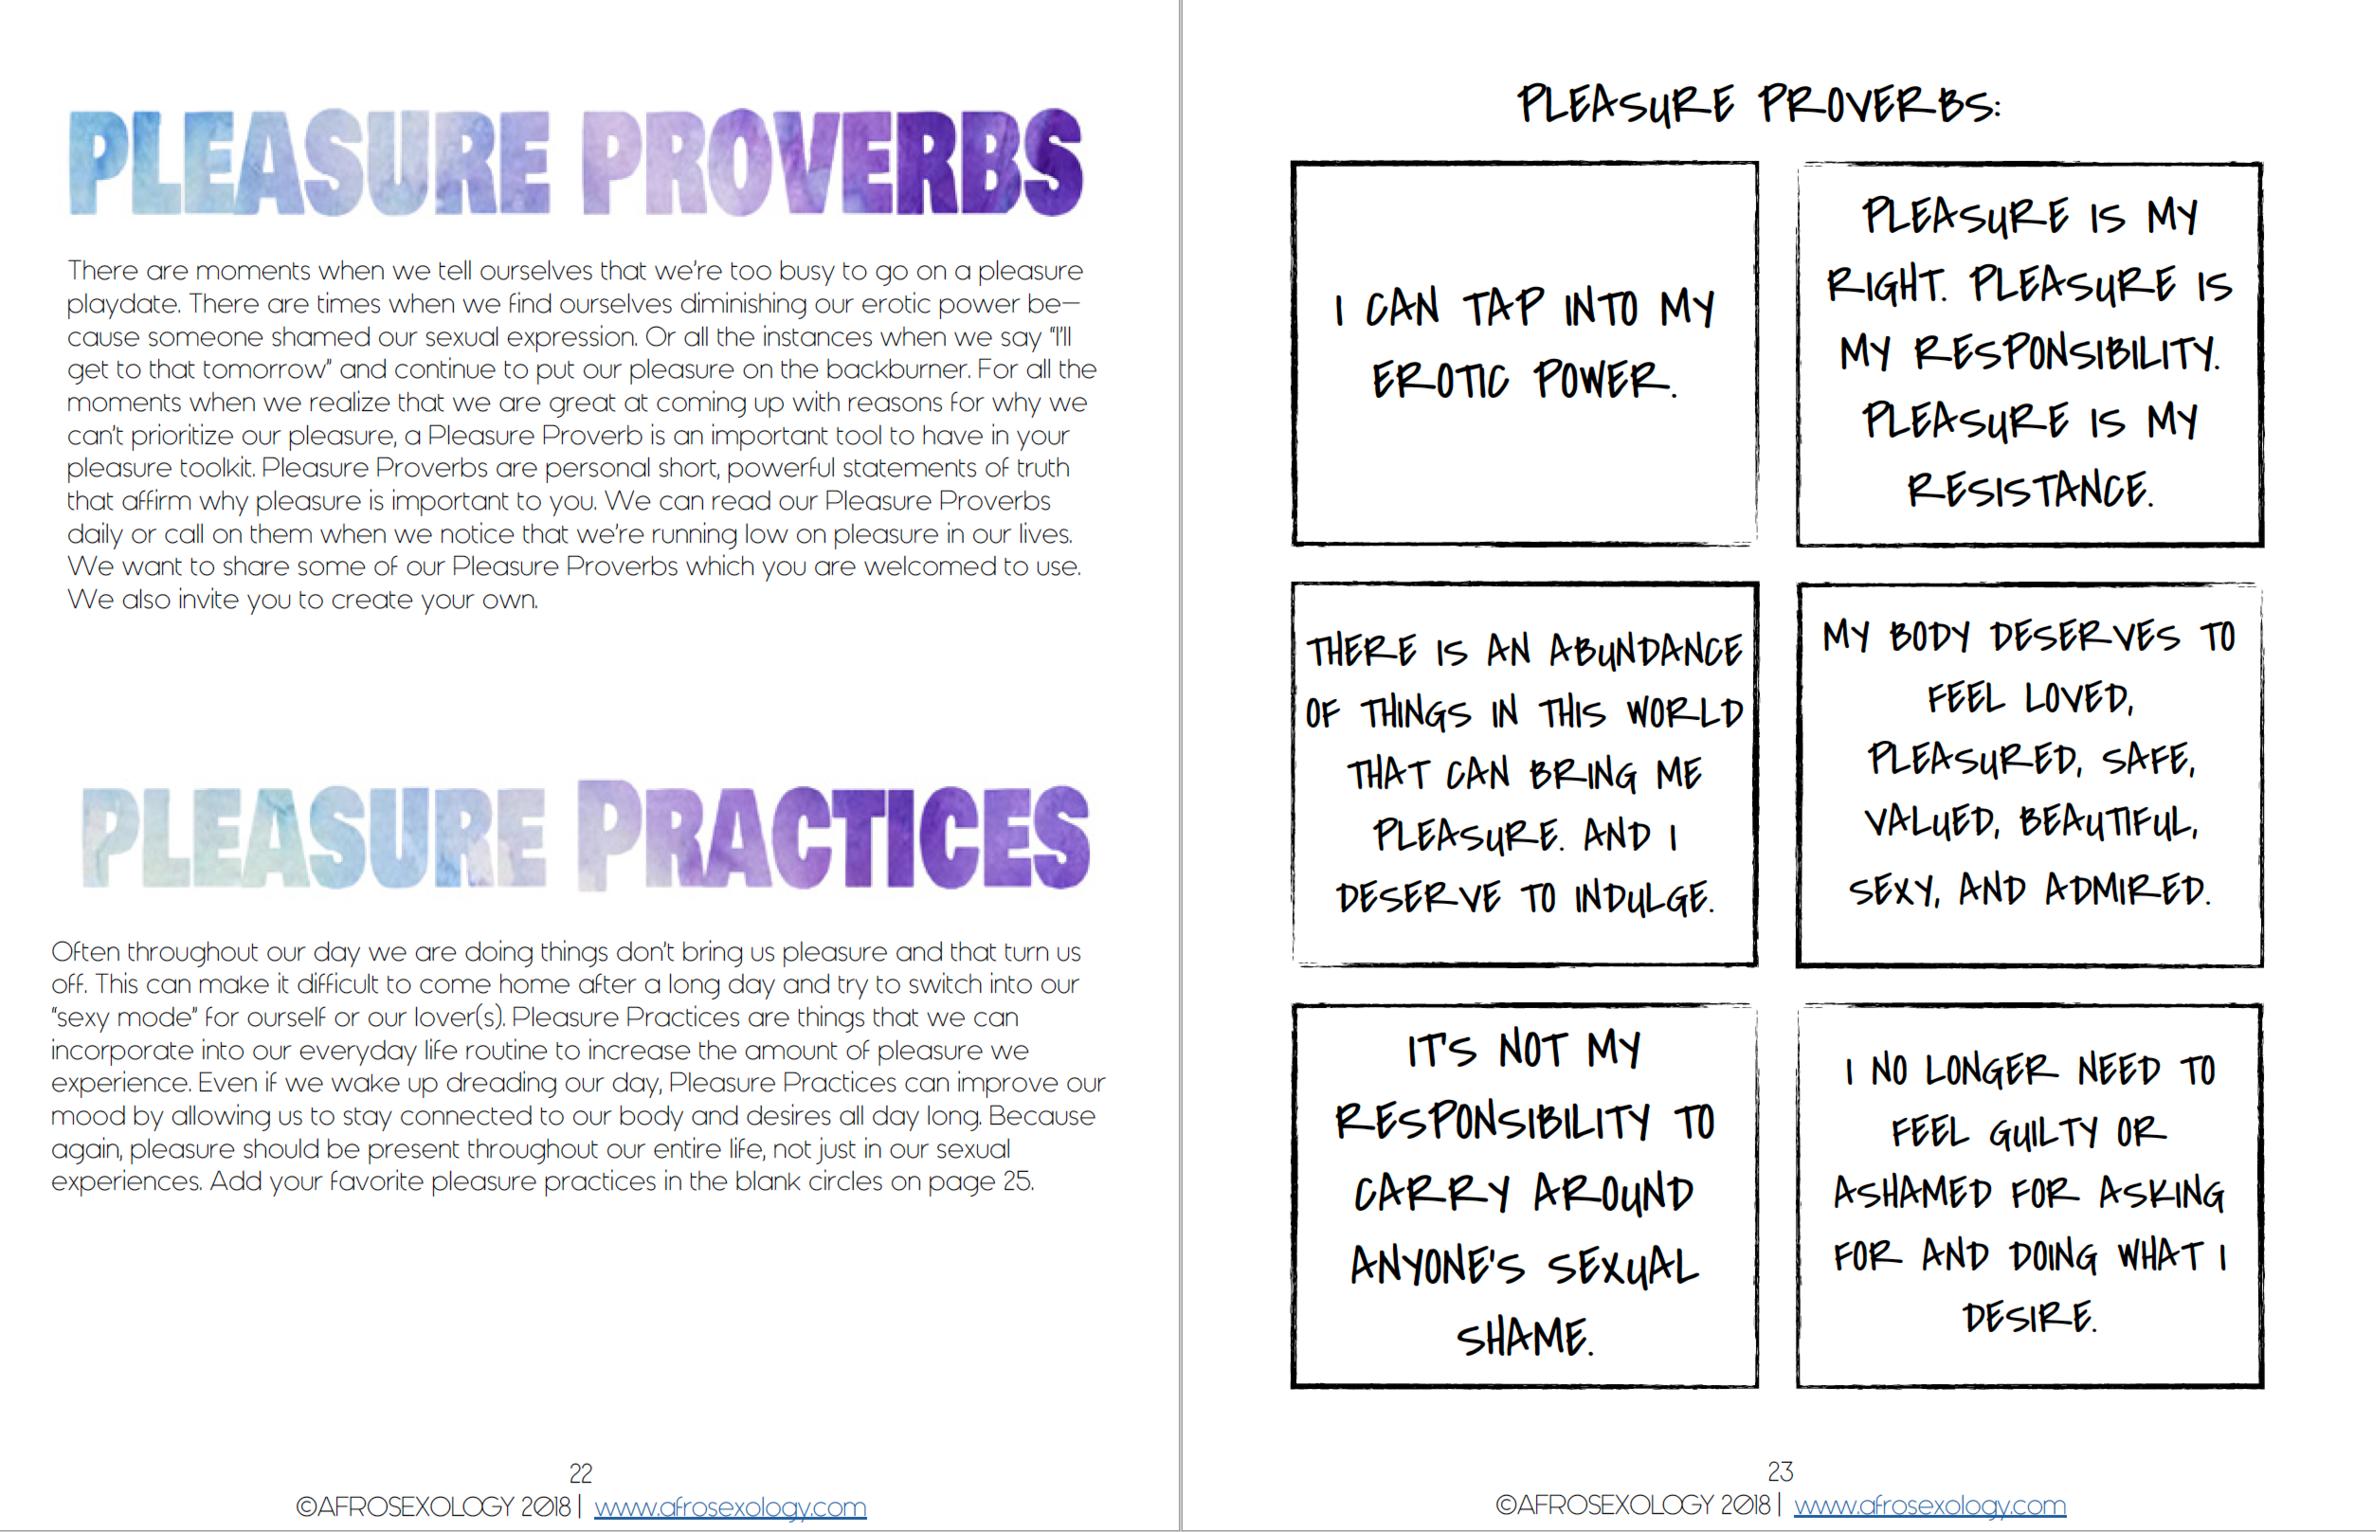 pleasure proverbs screenshot.png